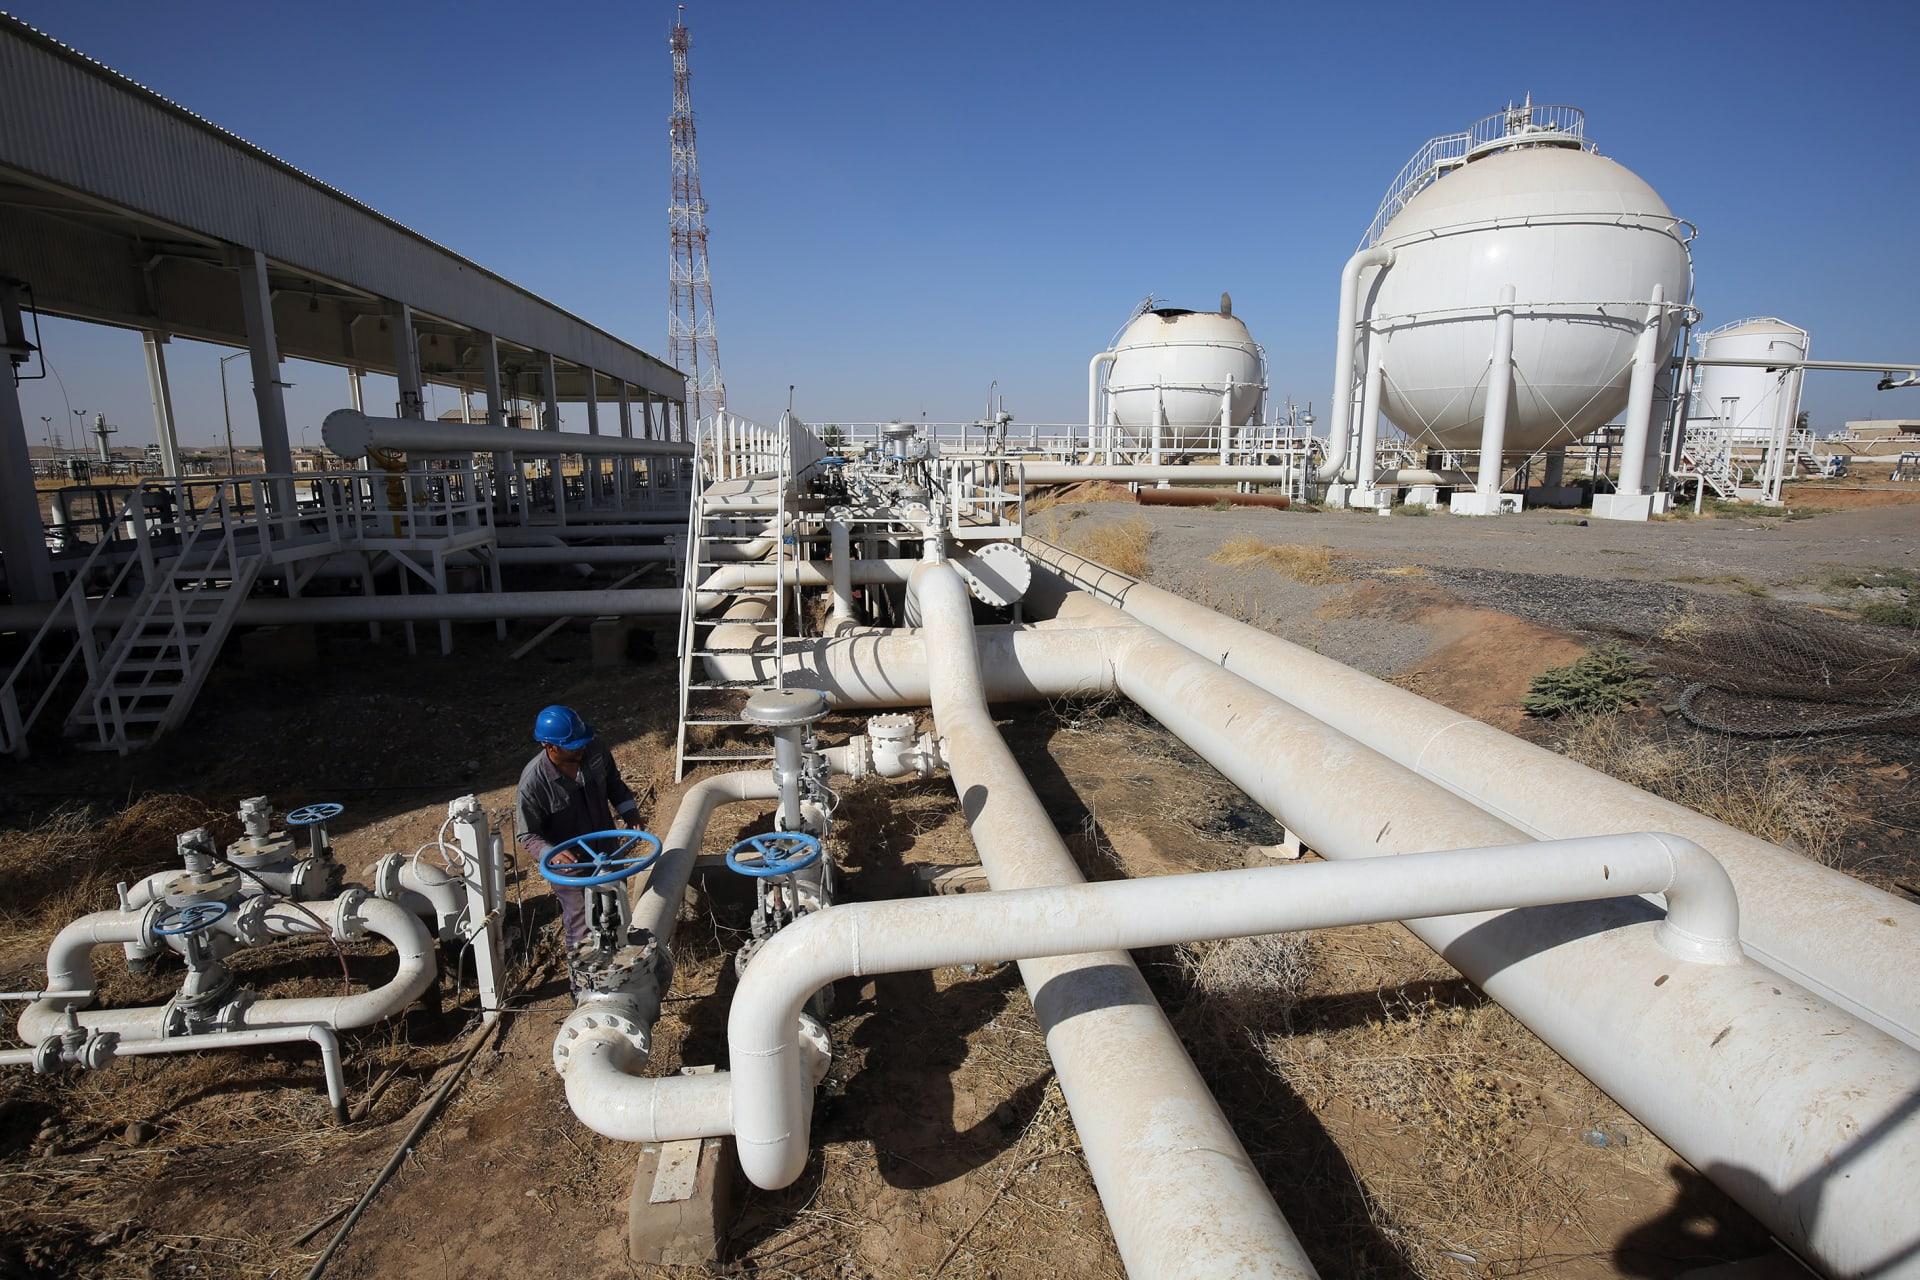 كيف تشكل المياه التحدي الأكبر لصناعة النفط العراقية؟